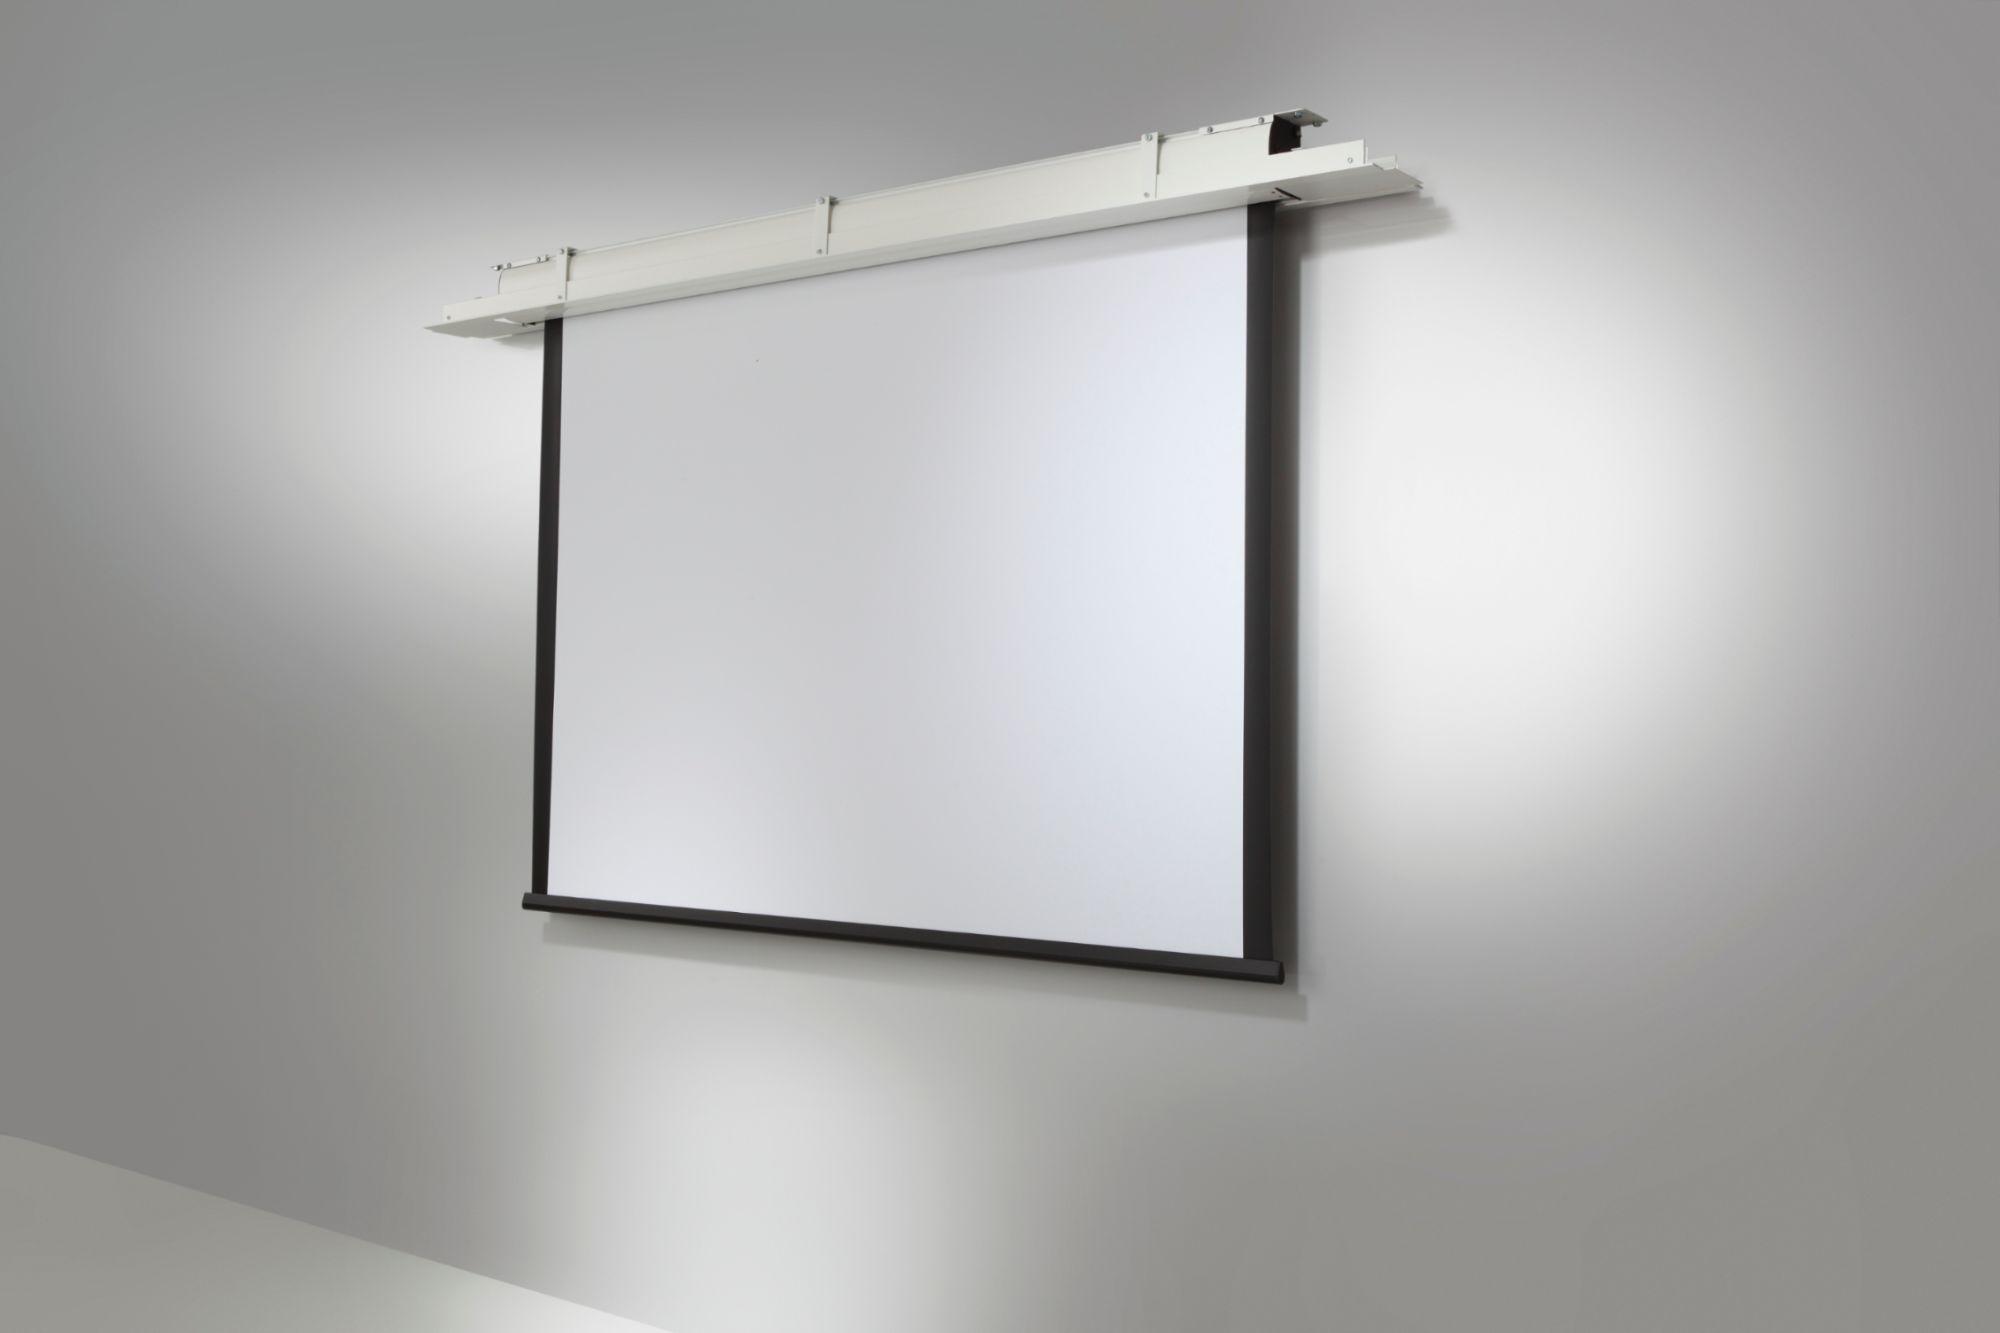 Celexon cecran de projection manuel pro 280 x 210 cm - Ecran de projection encastrable plafond ...